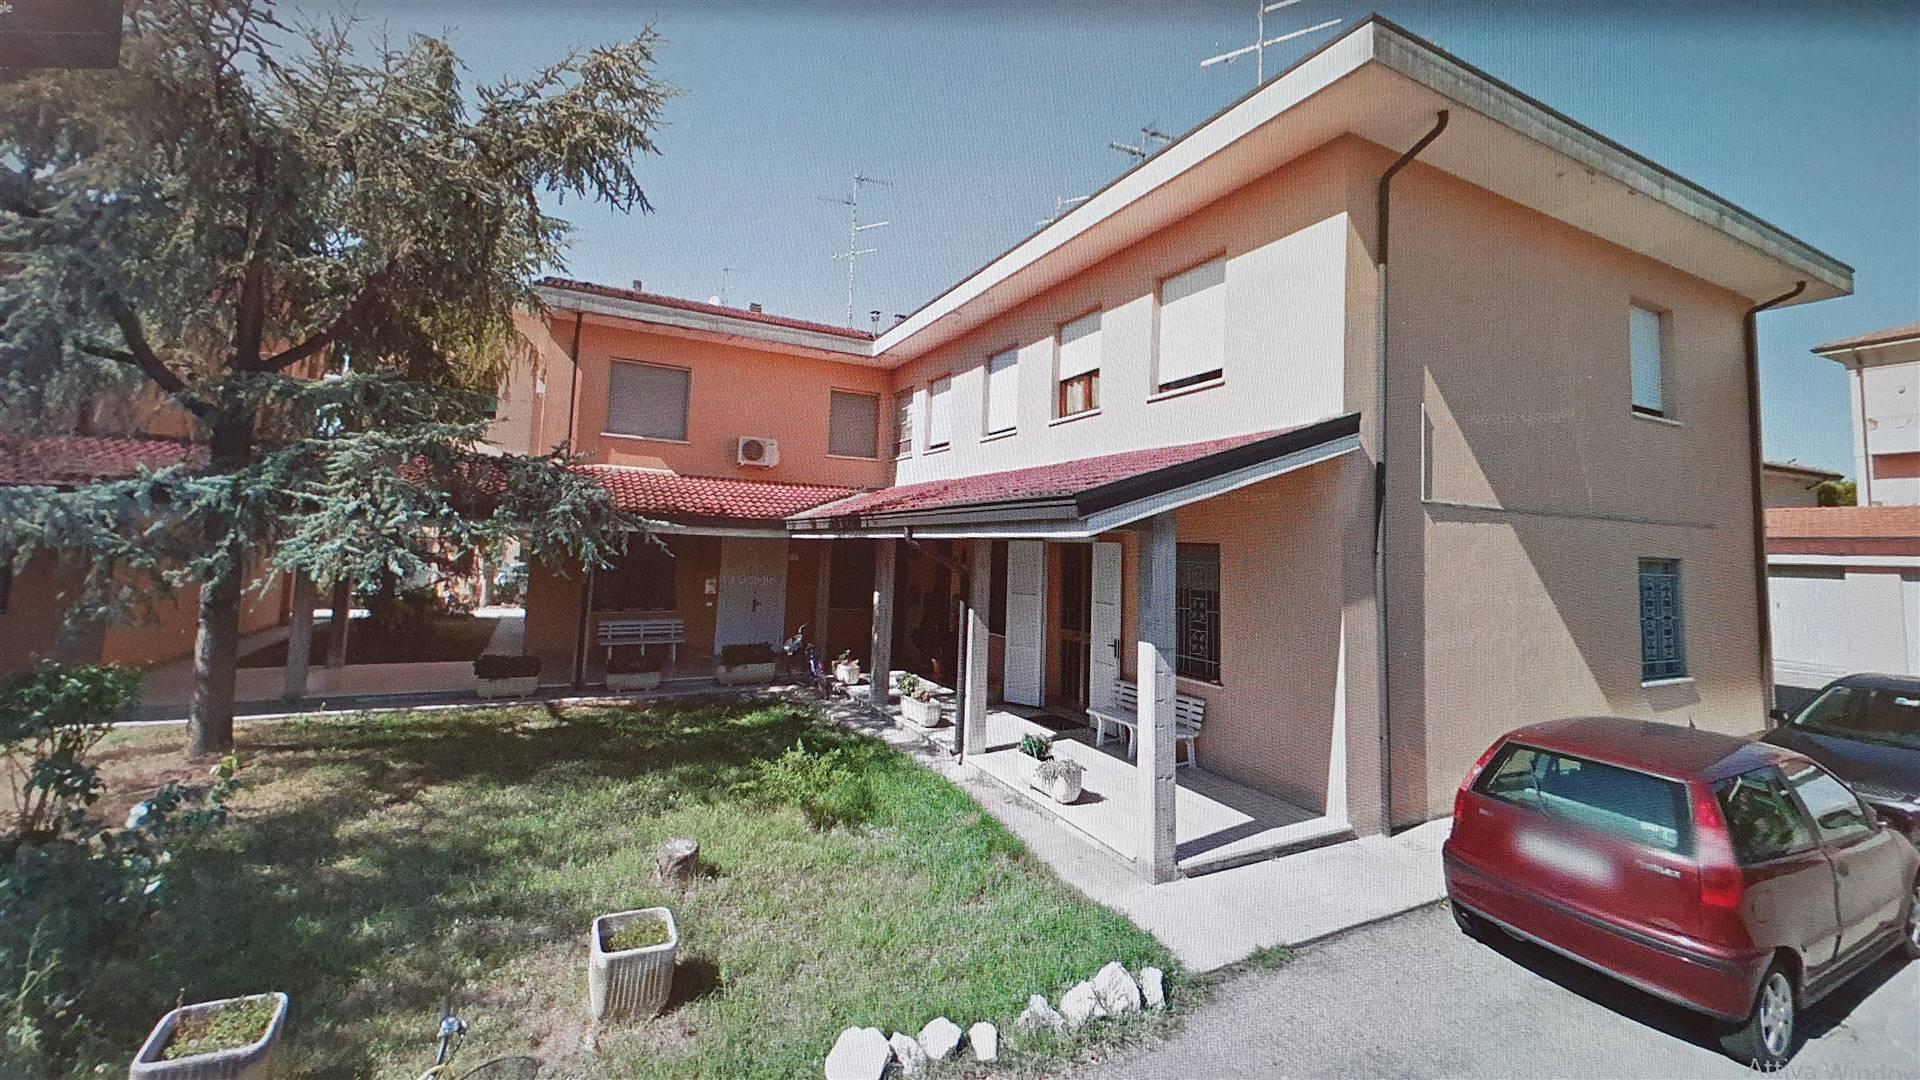 Soluzione Indipendente in vendita a Moglia, 5 locali, prezzo € 89.000 | CambioCasa.it